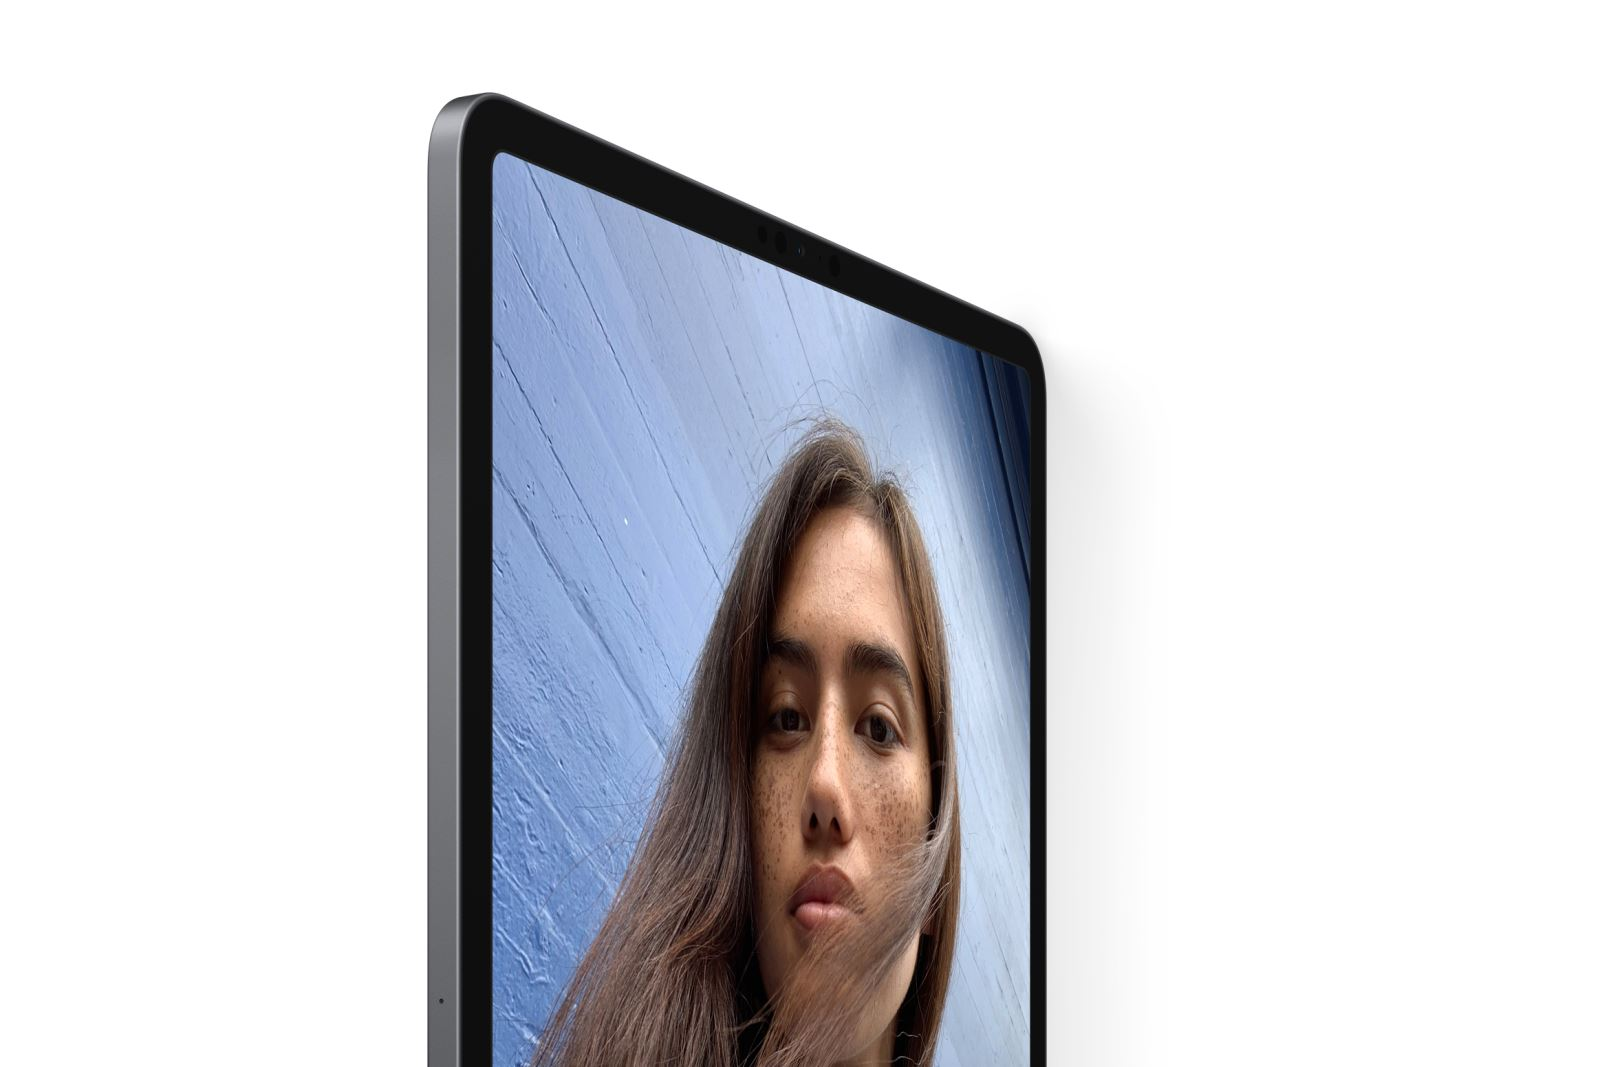 iPad Pro 12.9 WI-FI 4G 256GB 2018